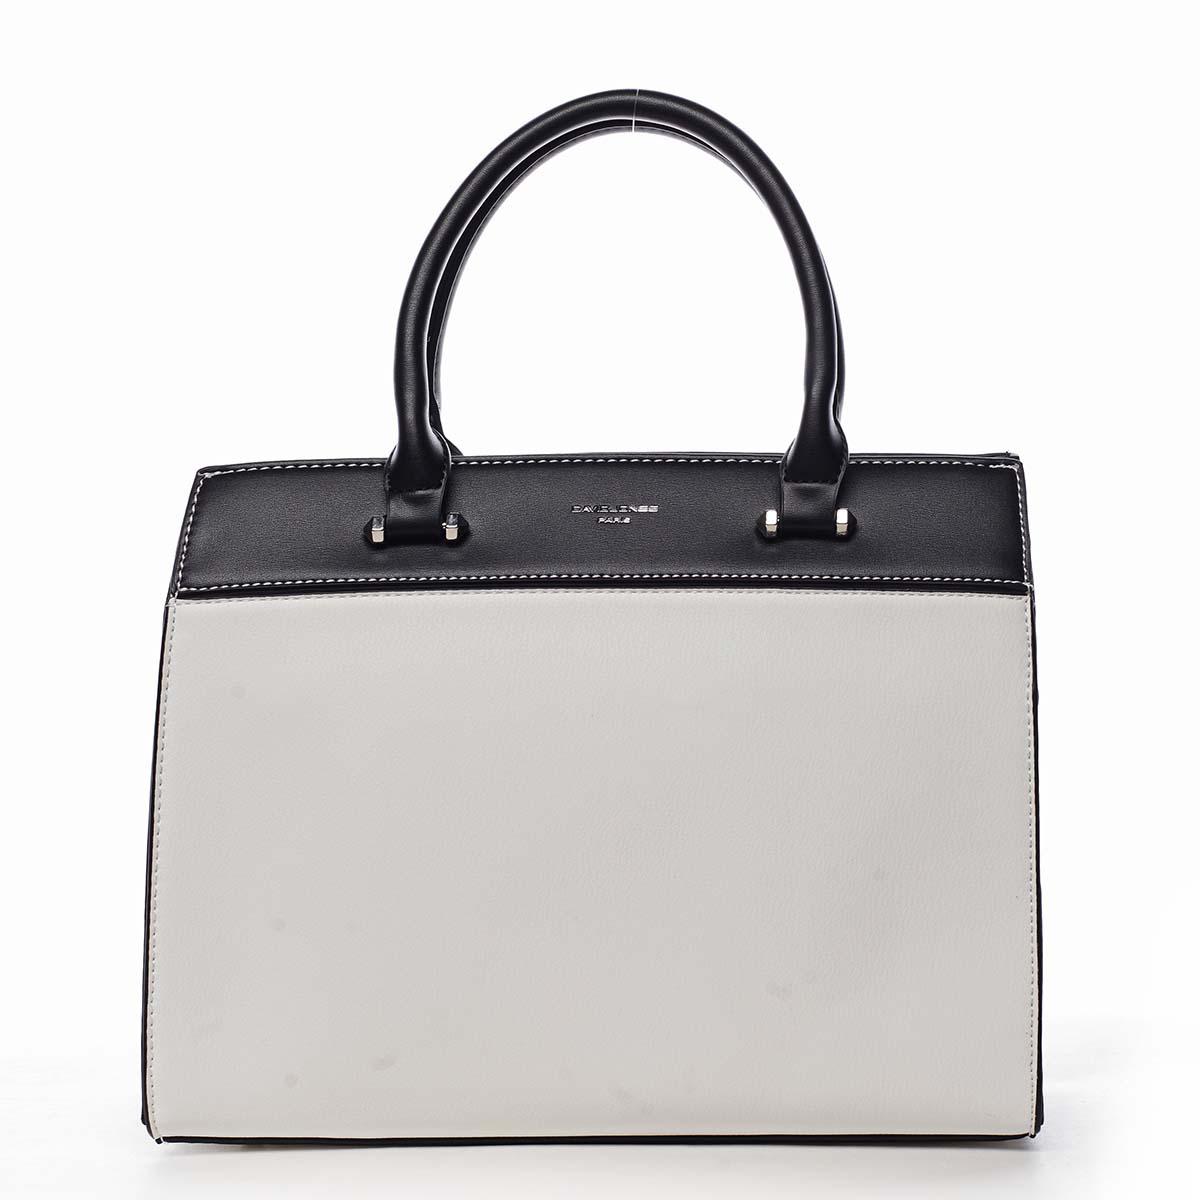 Dámska kabelka do ruky biela - David Jones Tenerwa